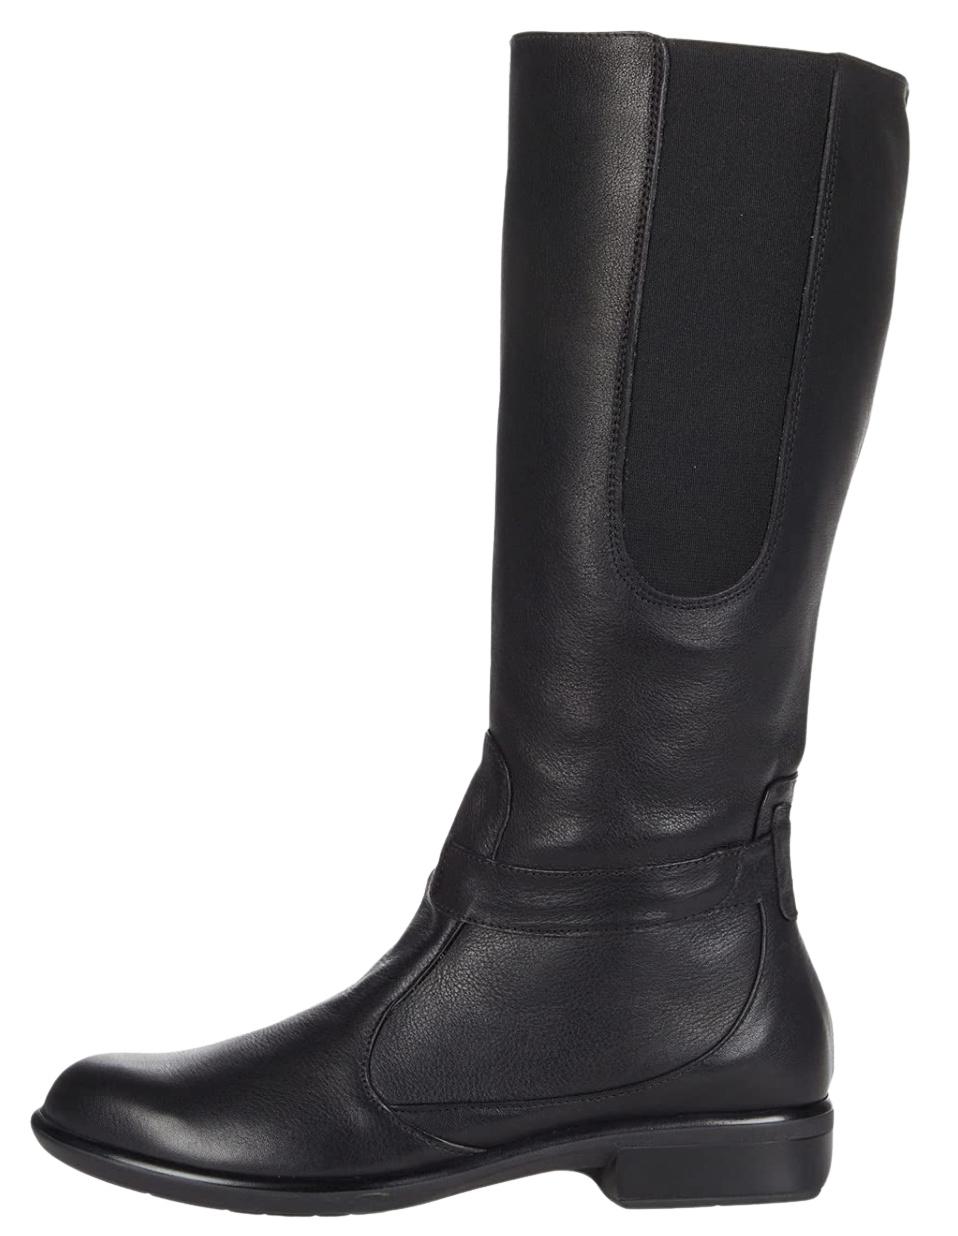 naot-black-kneehigh-boots